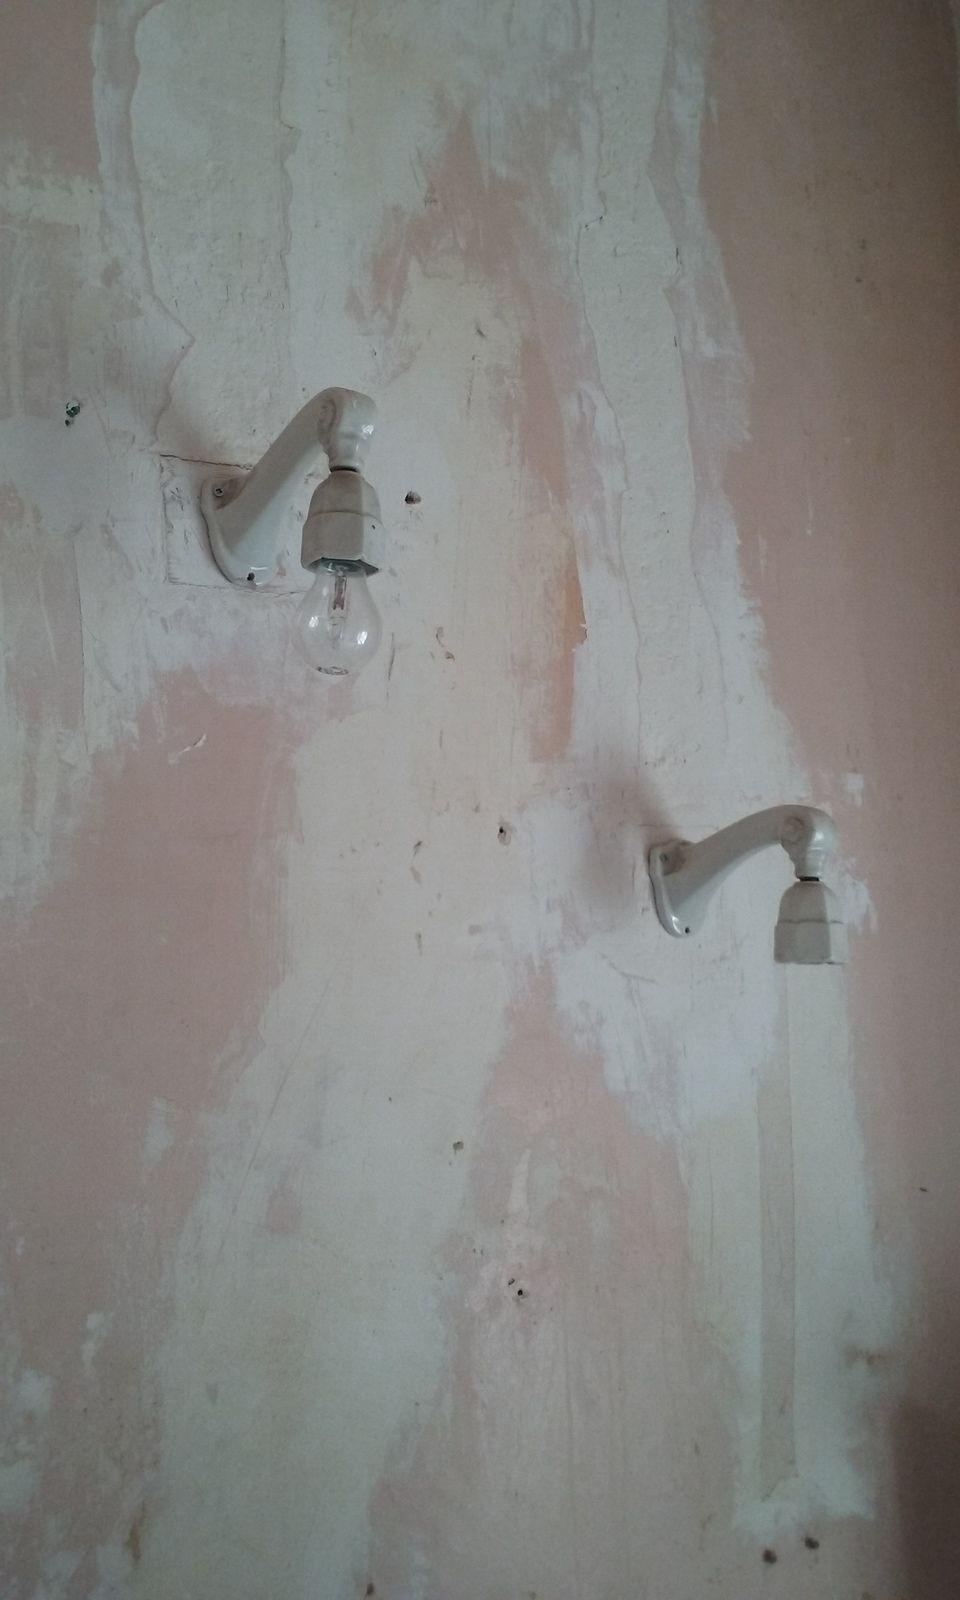 Un aperçu sur les 3 premières photos de l'état initial. Le gros du travail après le passage du plombier qui doit changer toute la tuyauterie (certains tuyaux sont encore en plomb) et la robinetterie qui est bloquée, sera de refaire les surfaces : enduits, ponçage, peinture ; la faience murale au niveau du lavabo et du bidet, que je conserve (au grand dam de mon fils) car ils sont de style Art Nouveau et forment un ensemble superbe avec les accessoires d'époque : appliques, porte-serviette et porte-savon.. Il faudra ensuite carreler le sol, avant de refixer le bidet.